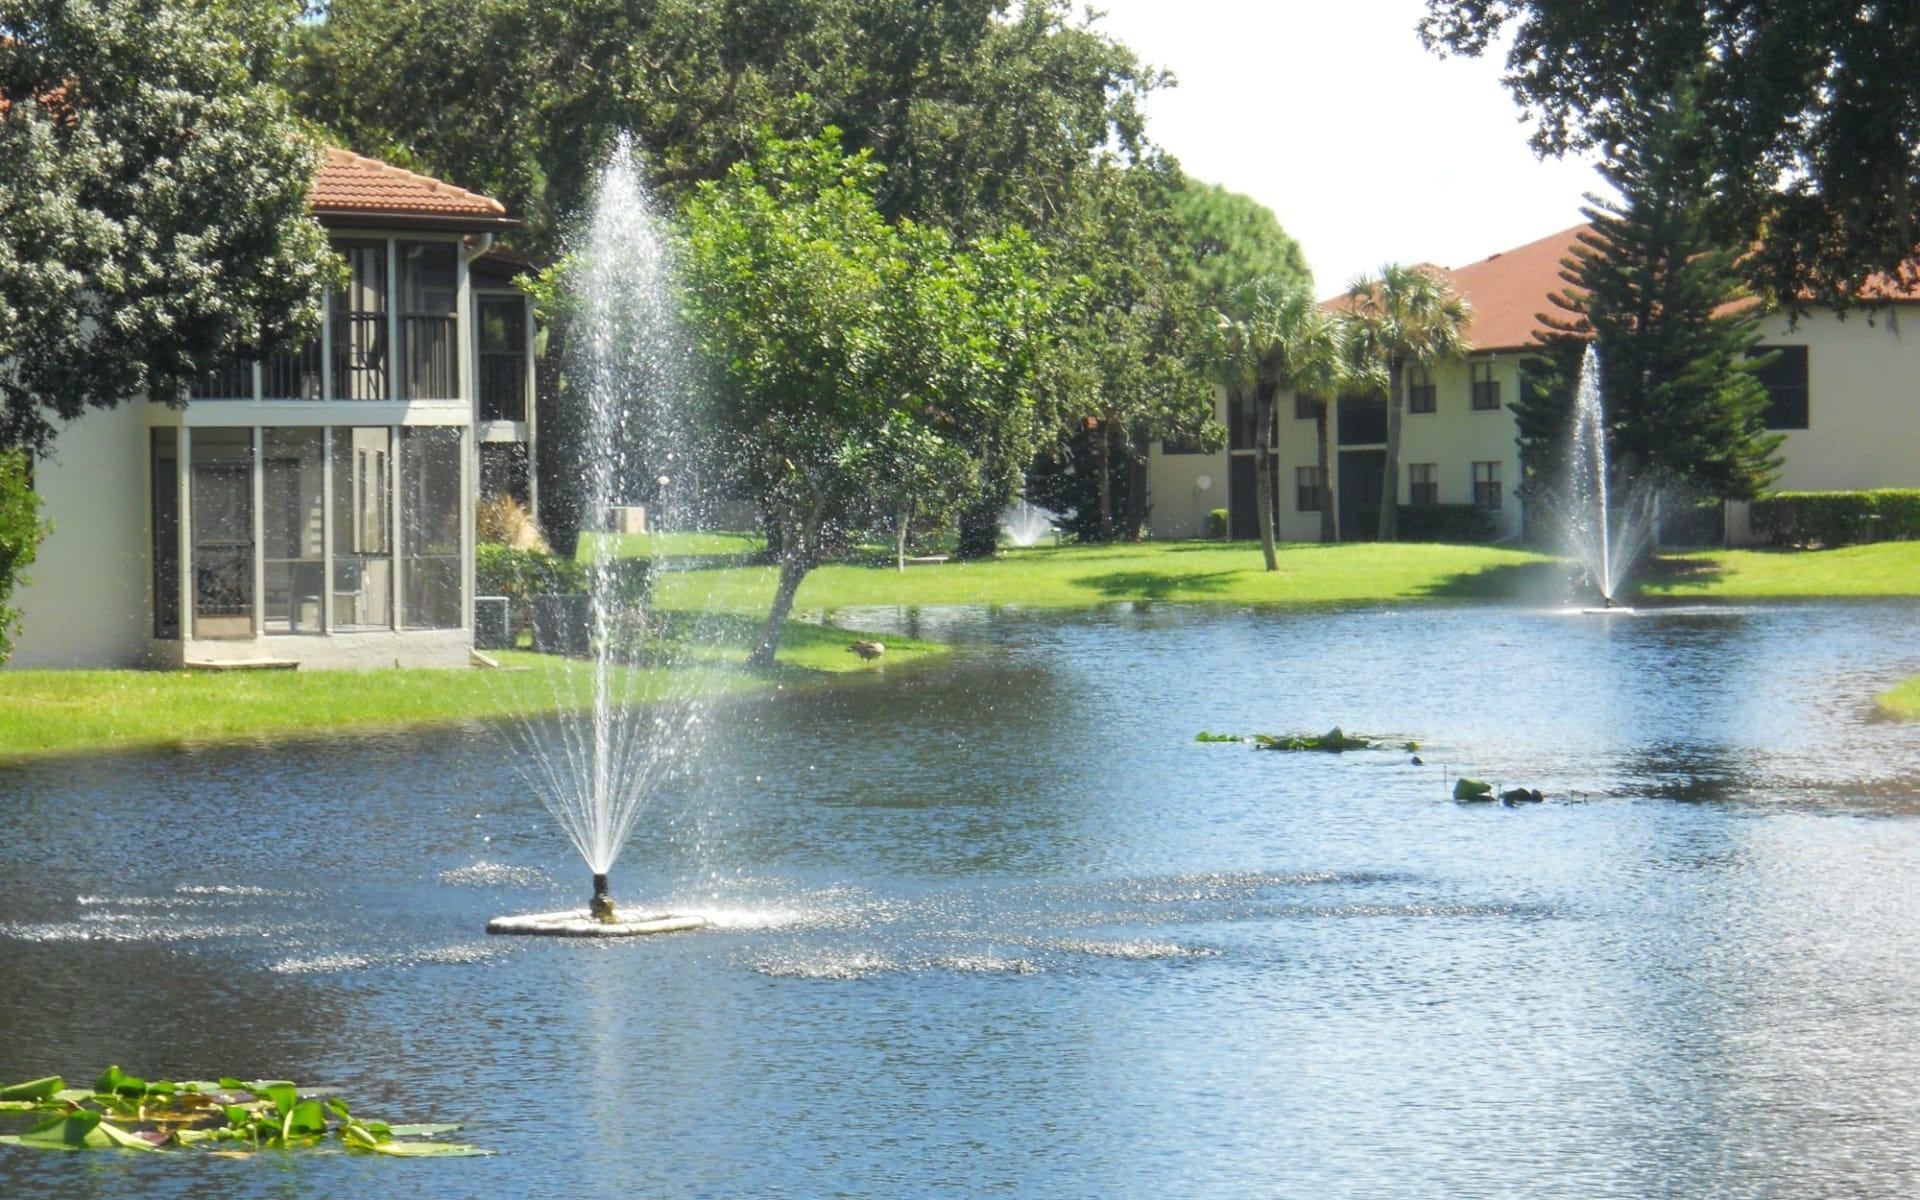 Shorewalk Villas Resort in Bradenton Beach: Exterior_Shorewalk Villas Resort_Aussenansicht 1_ATI